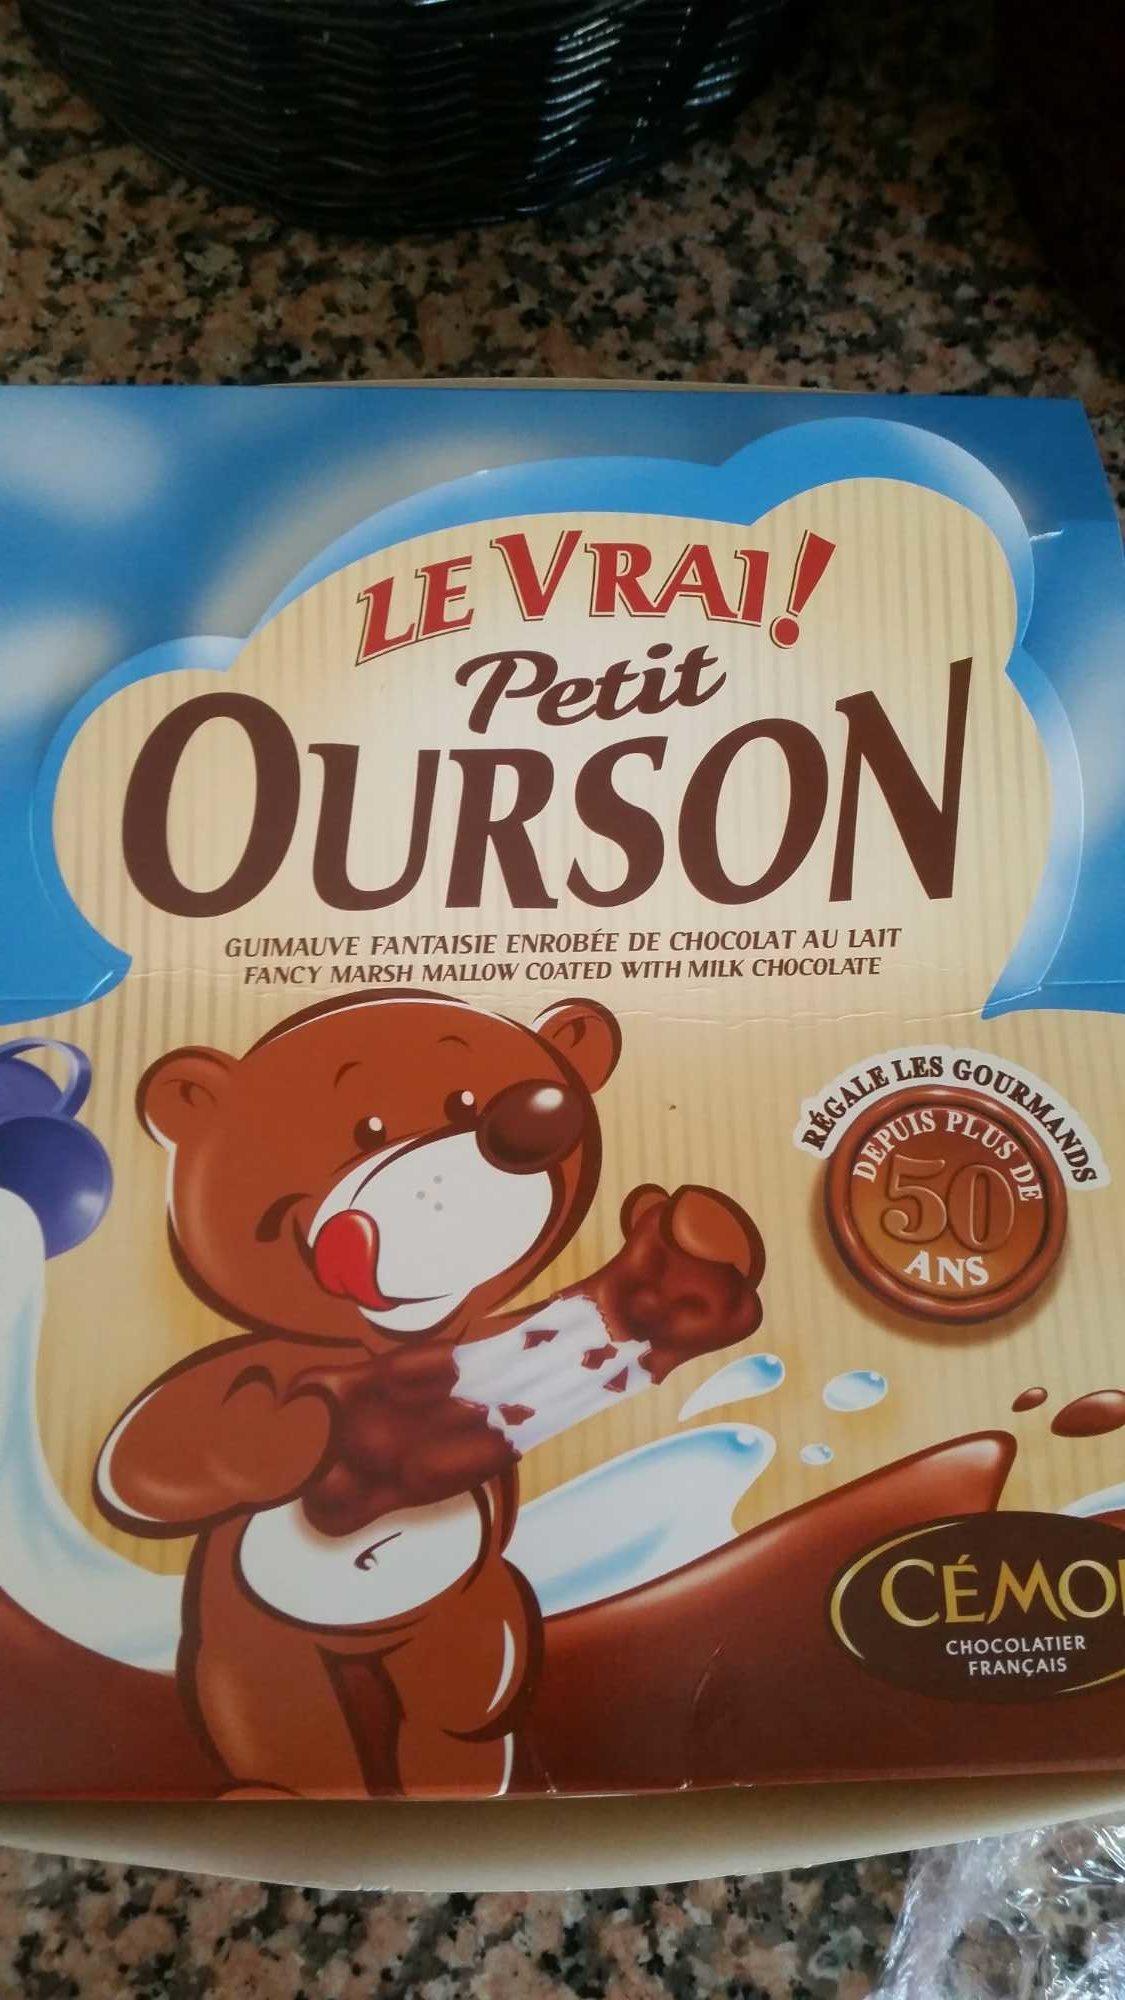 Le vrai! Petit ourson - Prodotto - fr